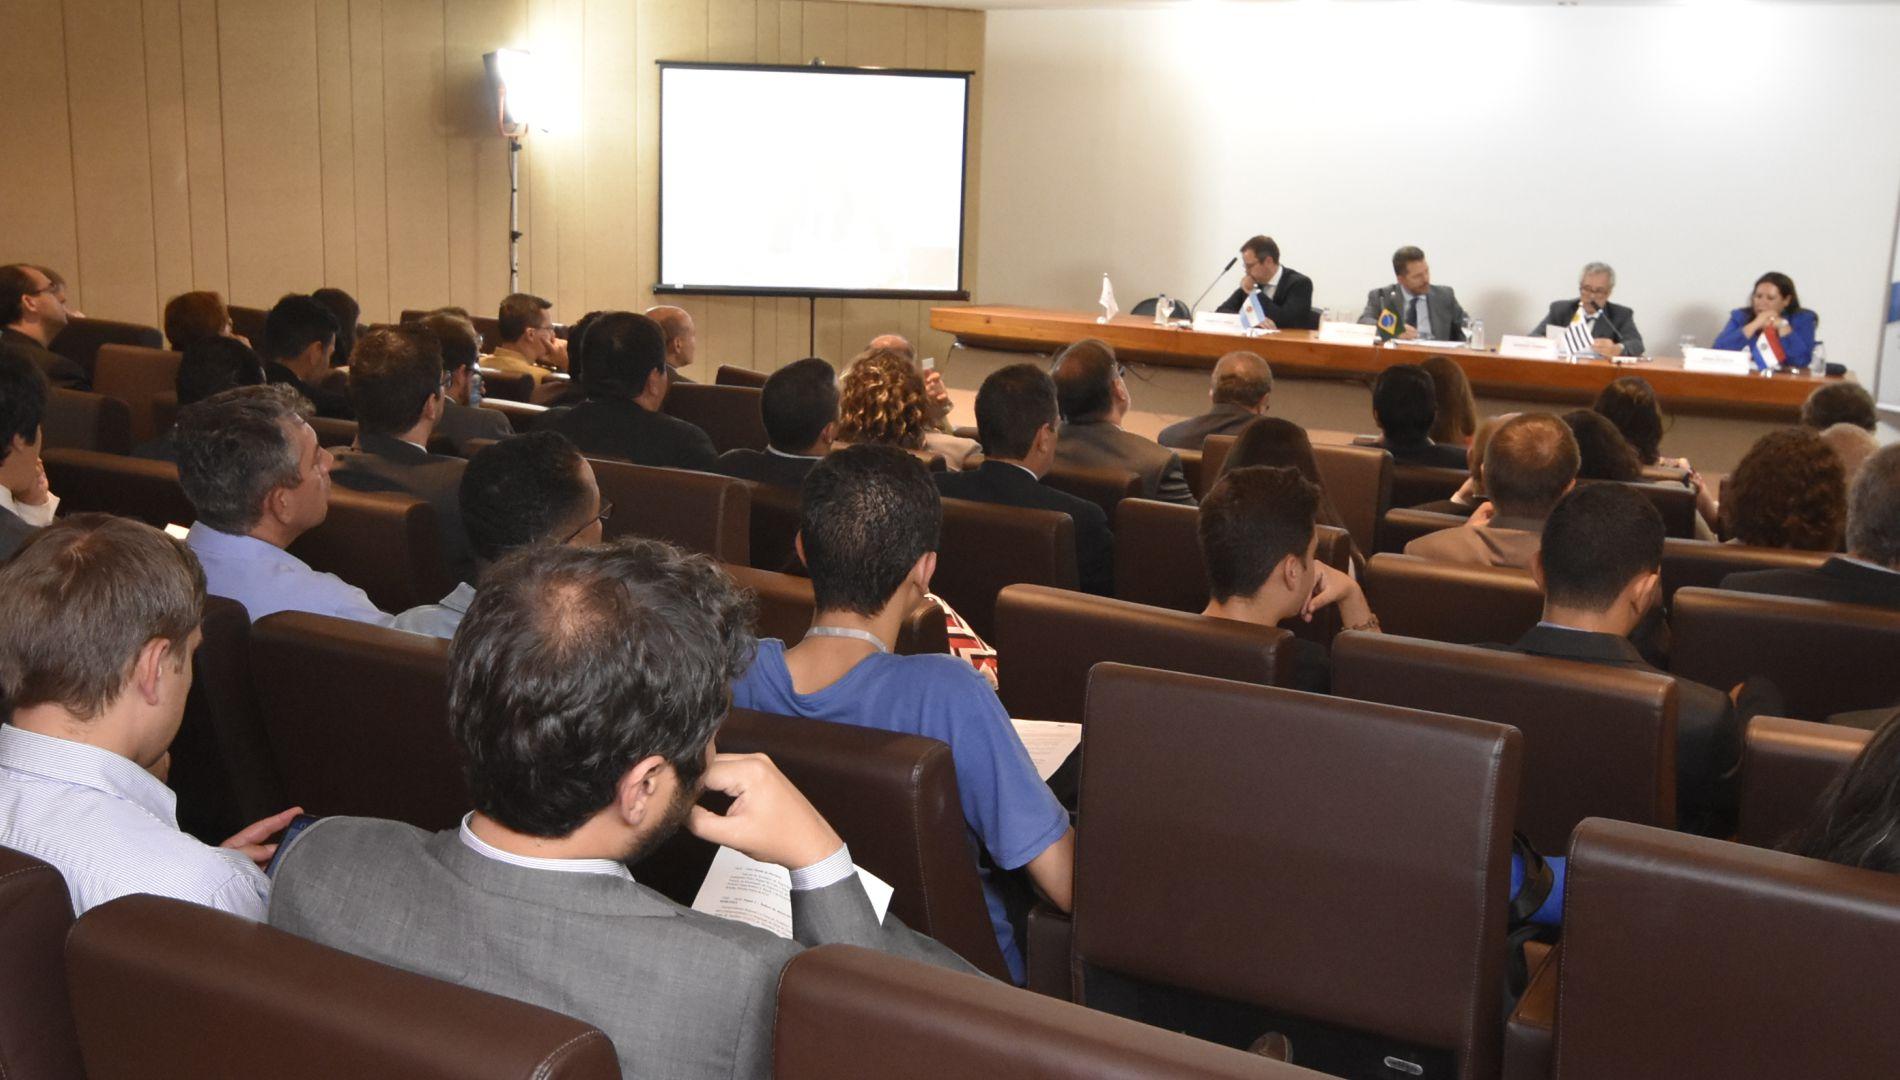 Seminário sobre desenvolvimento da região fronteiriça do MERCOSUL